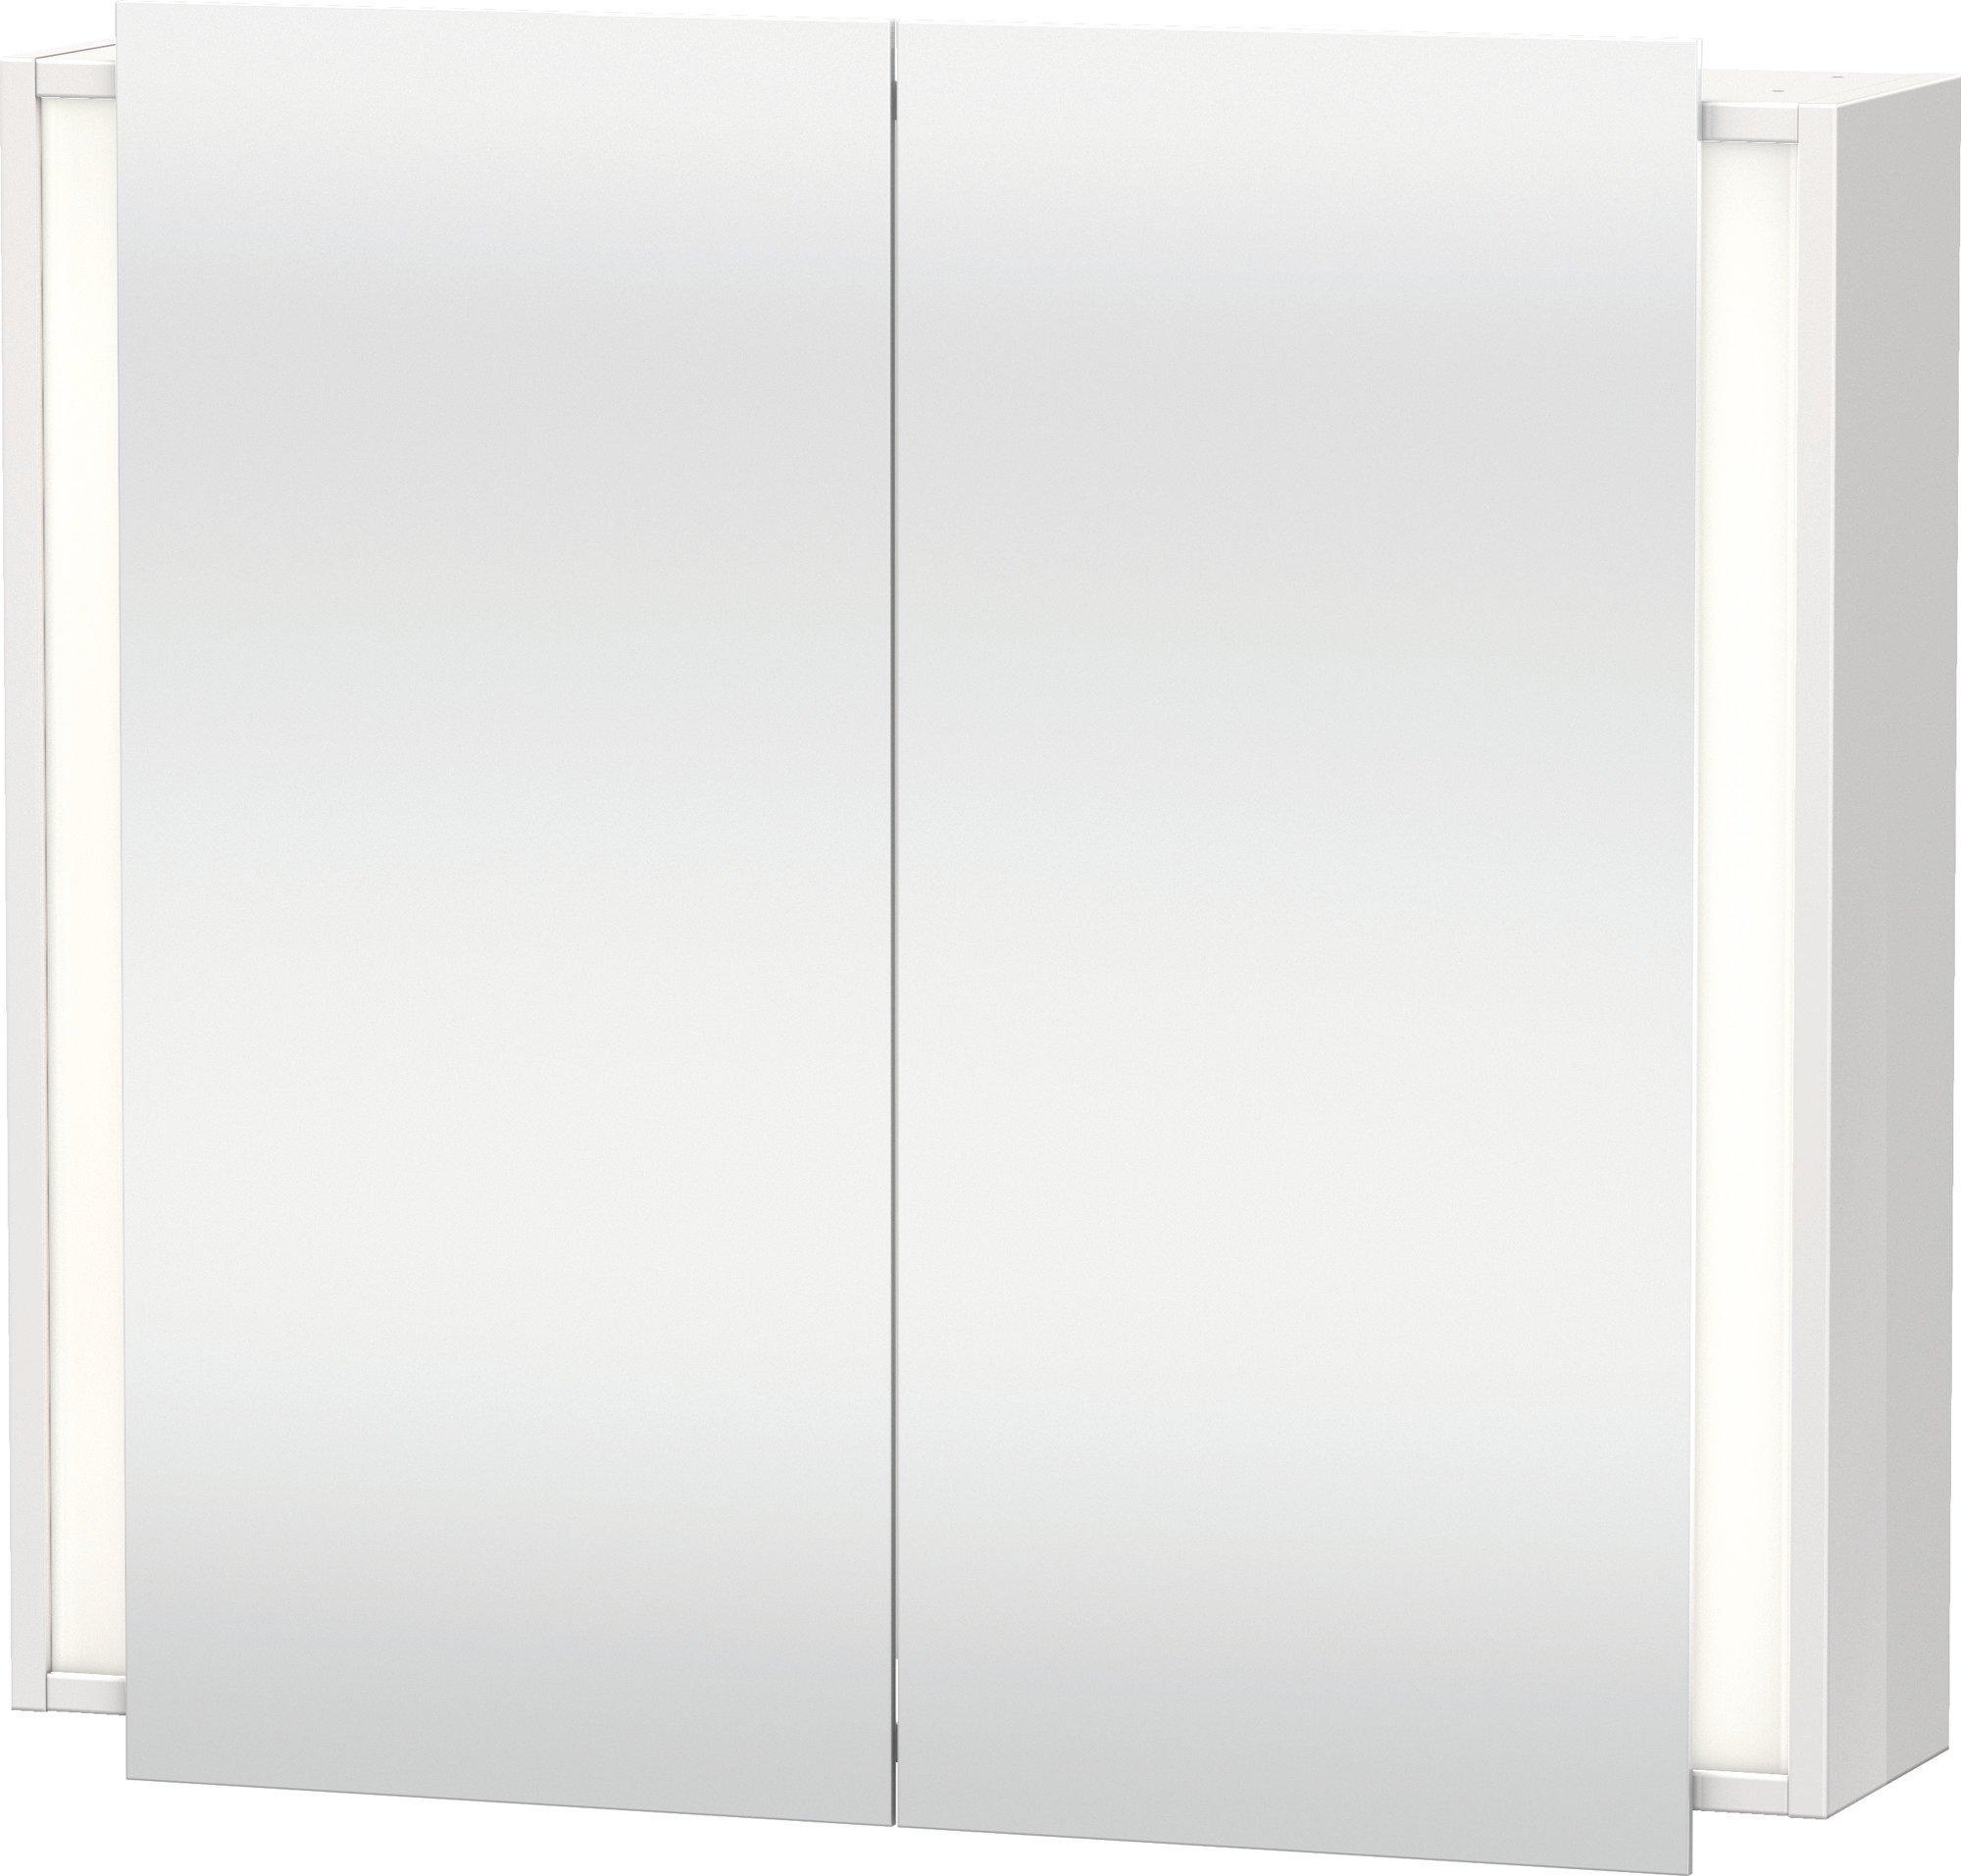 Duravit Ketho Spiegelschrank Weiß  800